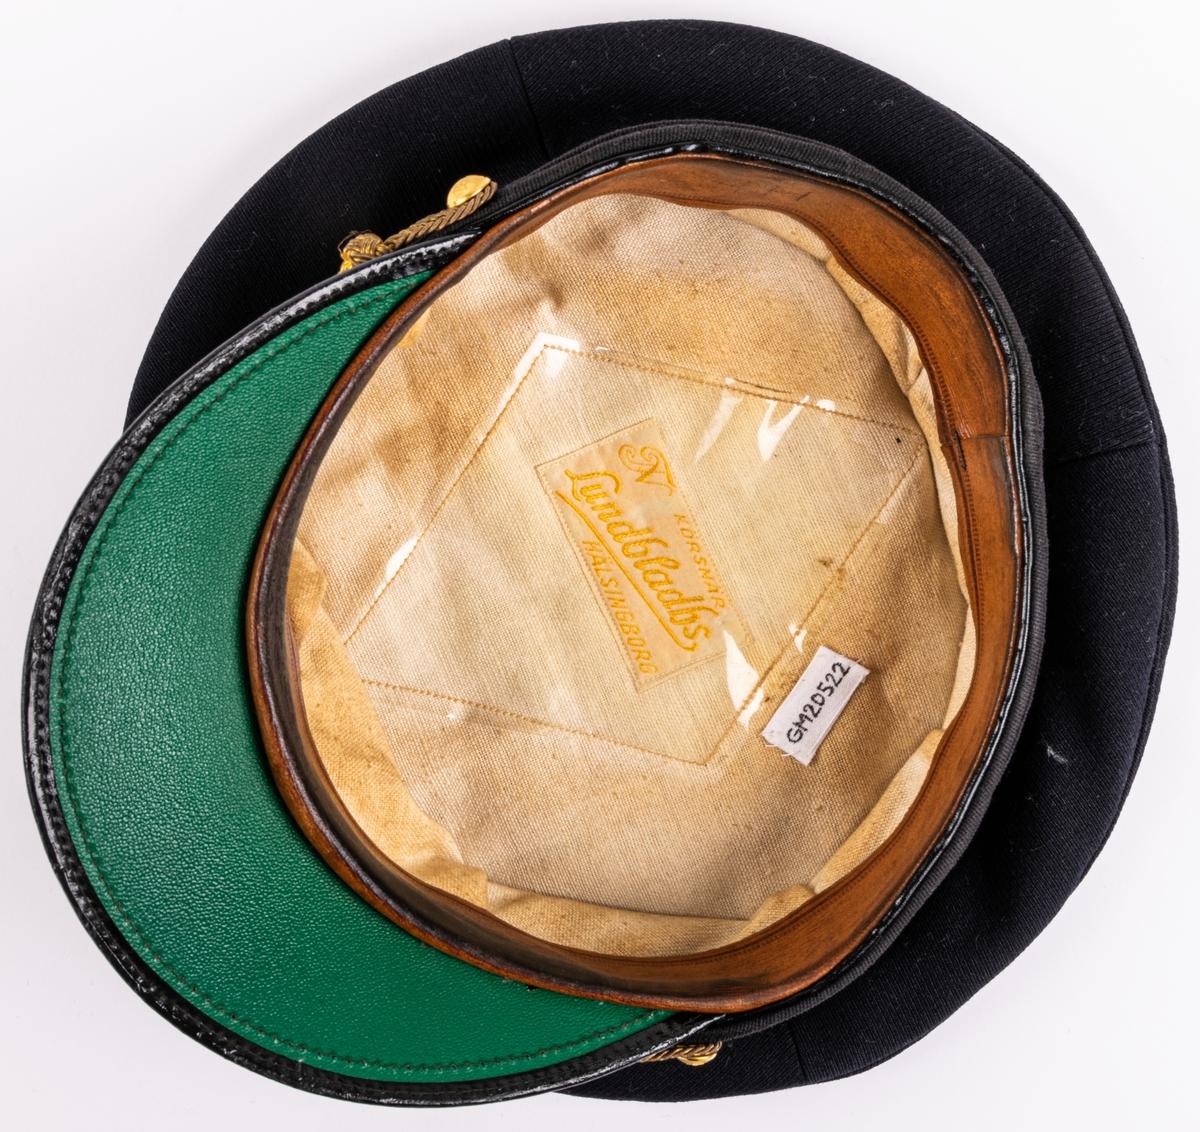 """Skärmmössa m/30 för flygvapnet. Av mörkblått ylletyg (gabardin) med svartlackerad skärm (undersidan ljusgrön). Svart textilband runt mössans nederdel. Kullen cirkelrund, platt och med större diameter. Dess styvnader är borttagna. Flygemblek av broderad guldtråd. Hakrem av flätad guldtråd (m/39), fäst med två små kronknappar. Vitt linnefoder. Svettremmen märkt """"HF"""". etikett i kullen """"KÖRSNÄR Lundbladhs HÄLSINGBORG"""""""